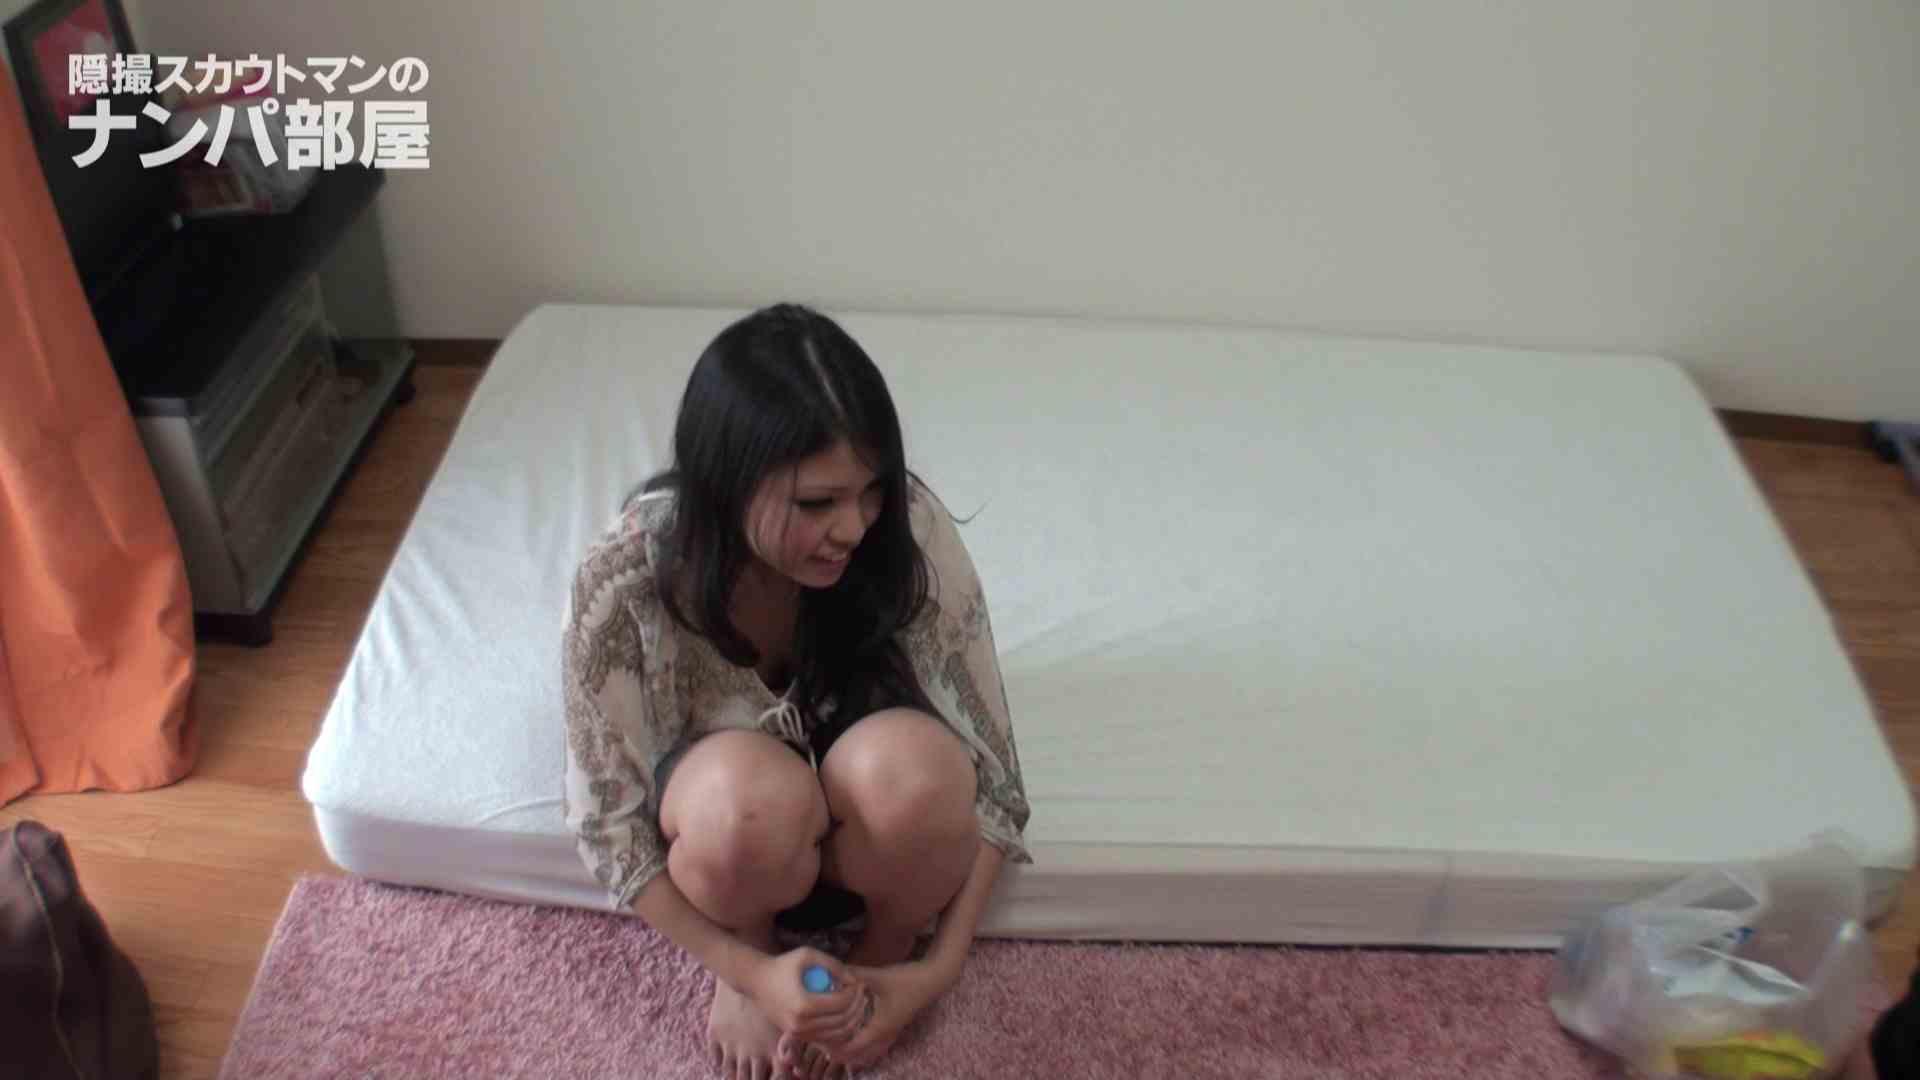 隠撮スカウトマンのナンパ部屋~風俗デビュー前のつまみ食い~hana 隠撮   脱衣所  110pic 13